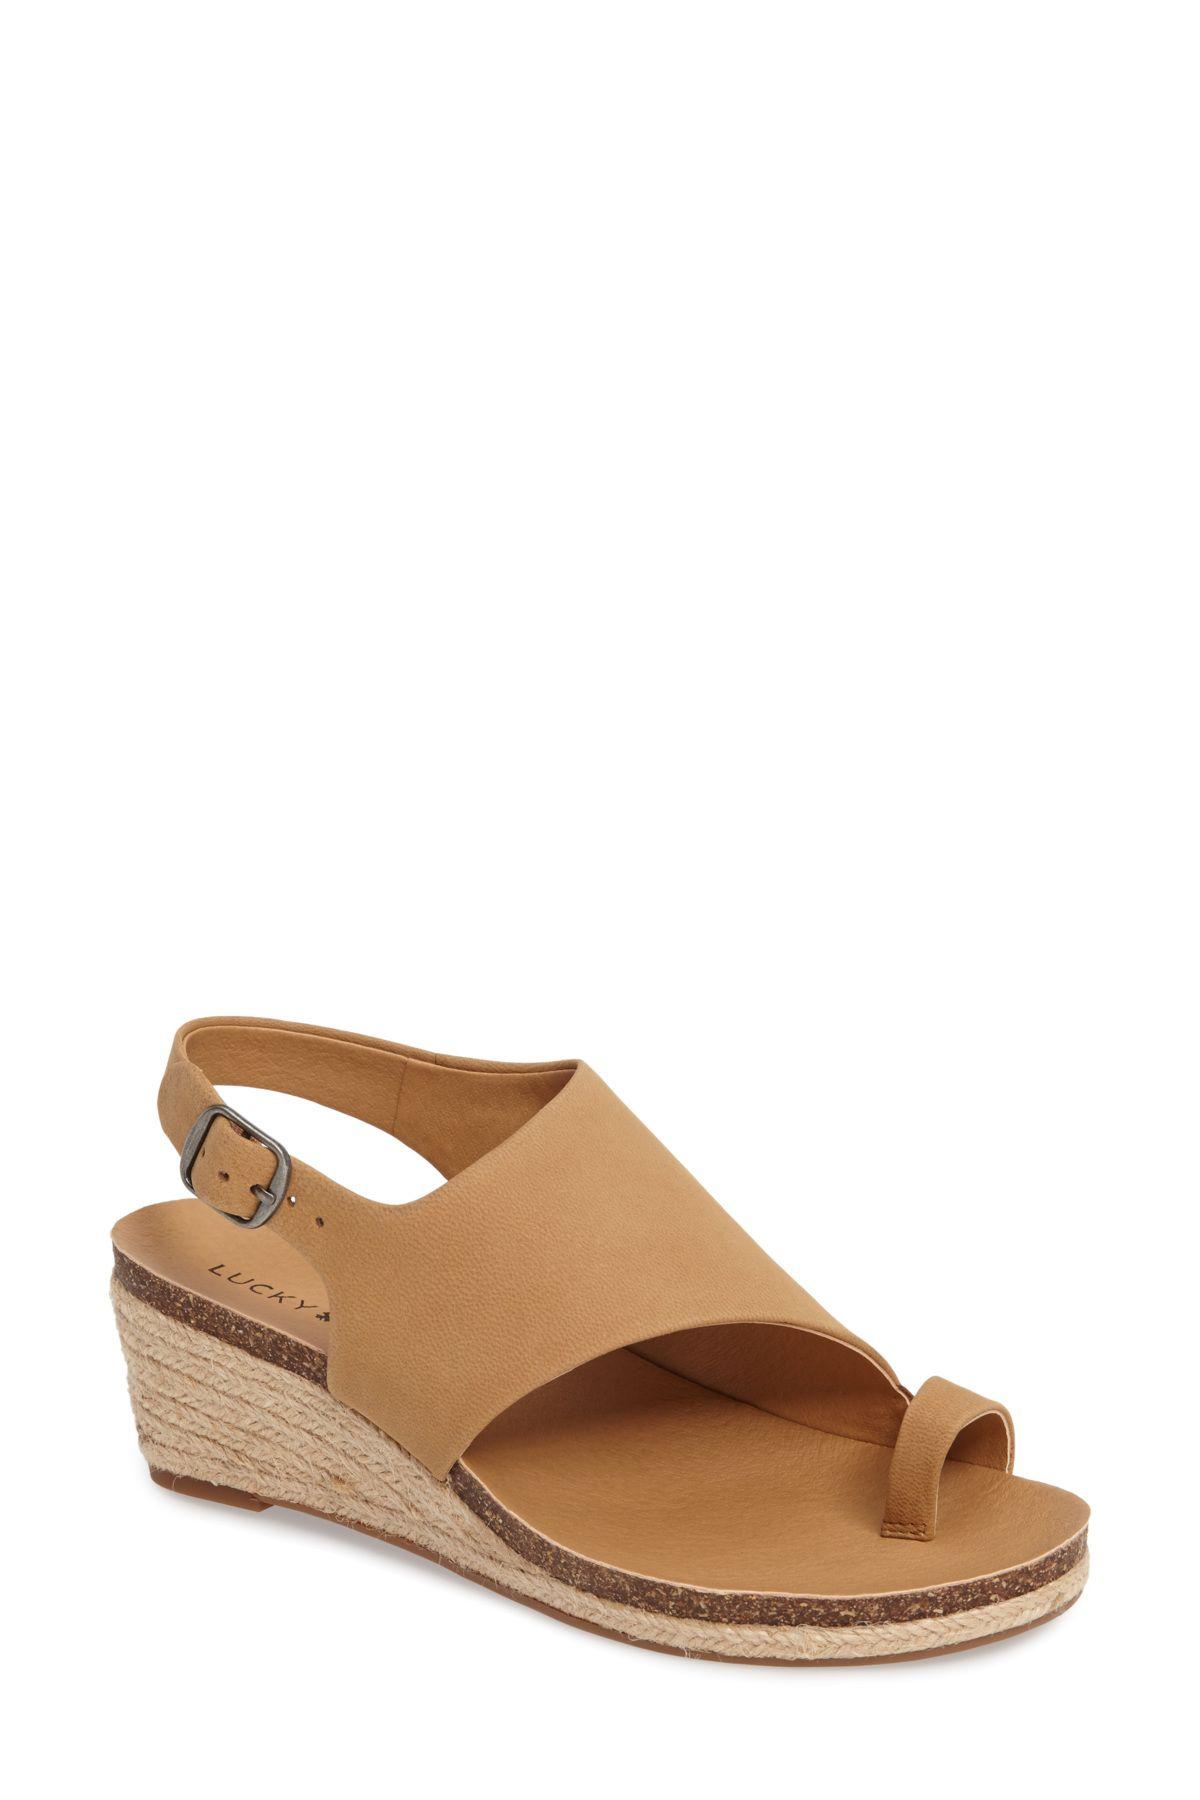 Lucky Brand Jannan Wedge Sandal (Women Wedge sandals